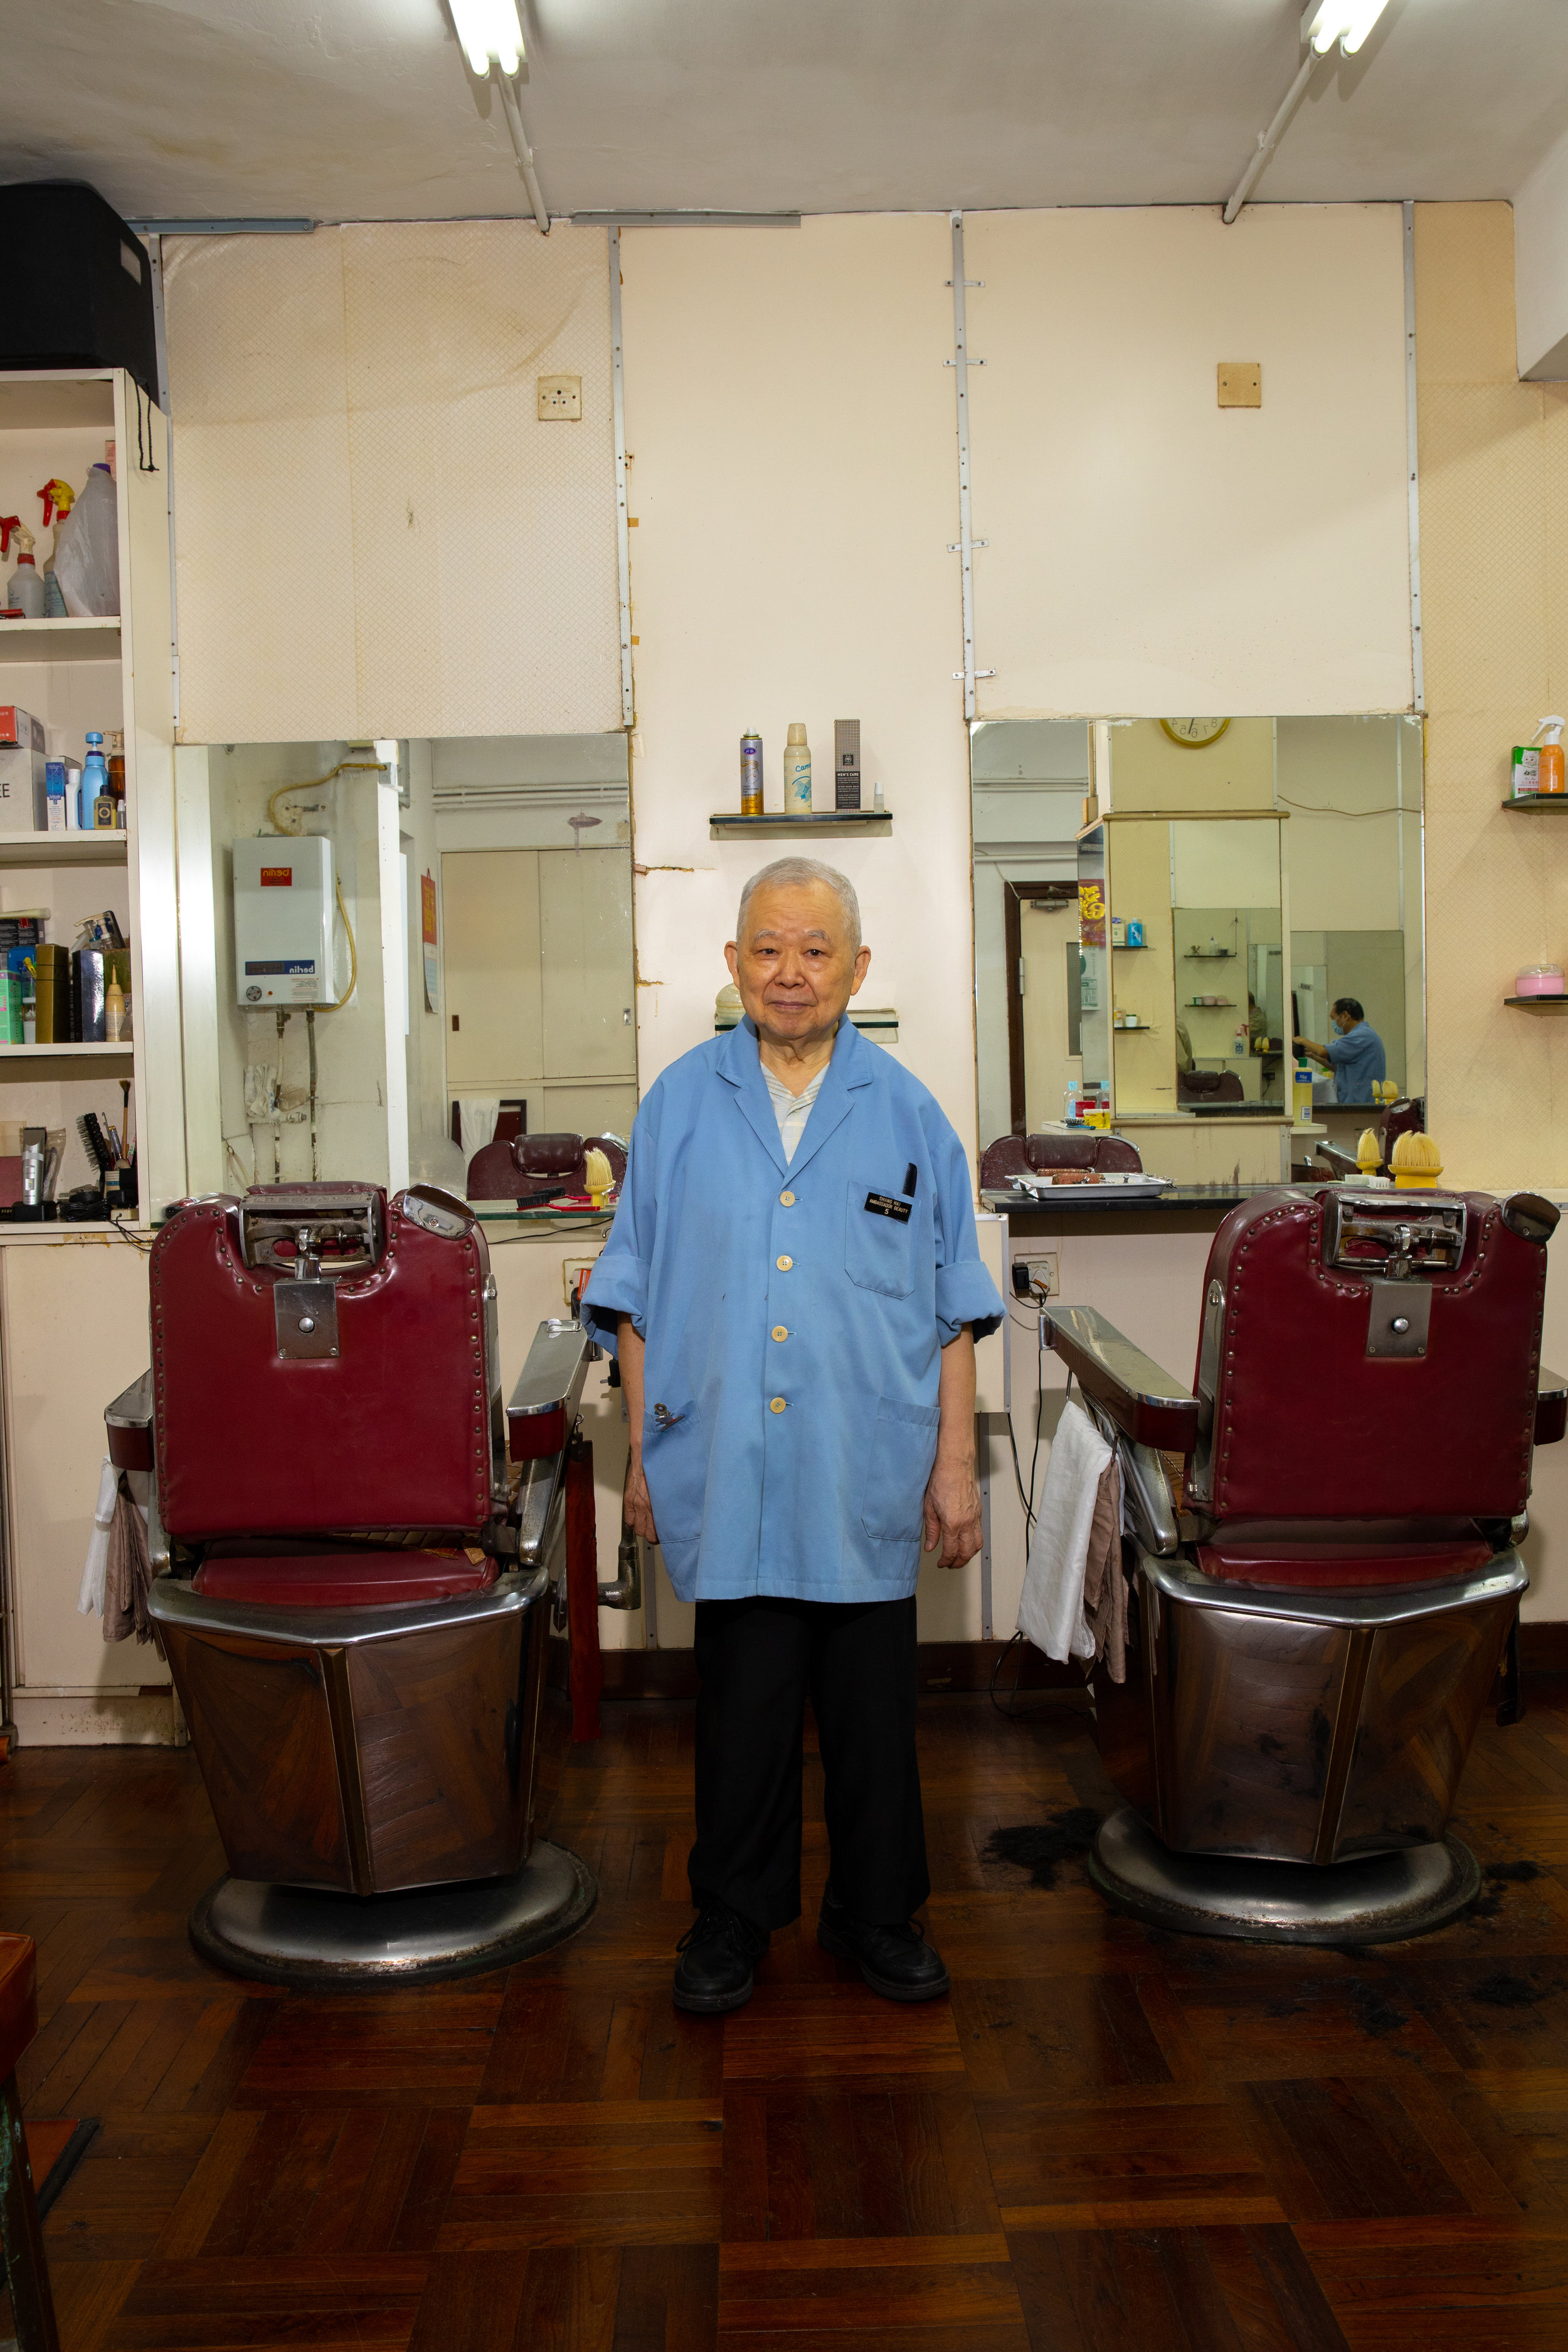 Barber No. 5